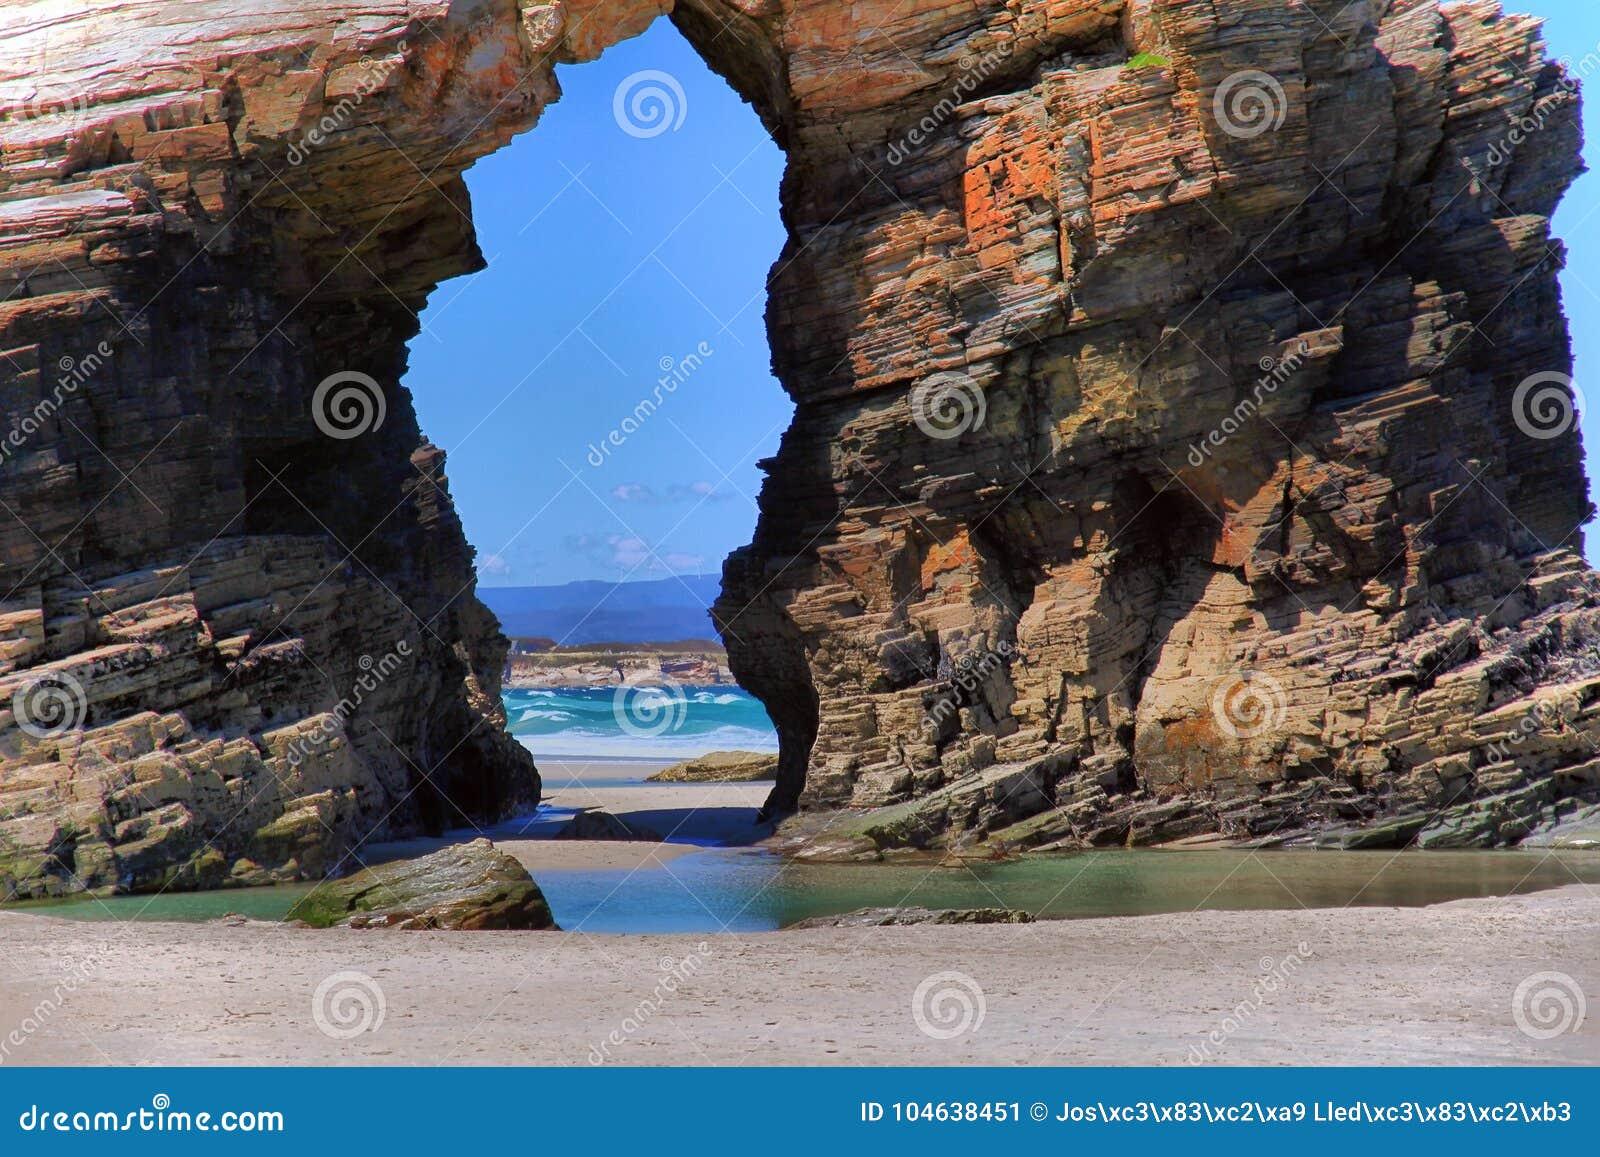 Download Het Kathedralenstrand Met De Rotsen Erosioned Door De Actie Van Het Overzees Stock Afbeelding - Afbeelding bestaande uit boog, schoonheid: 104638451